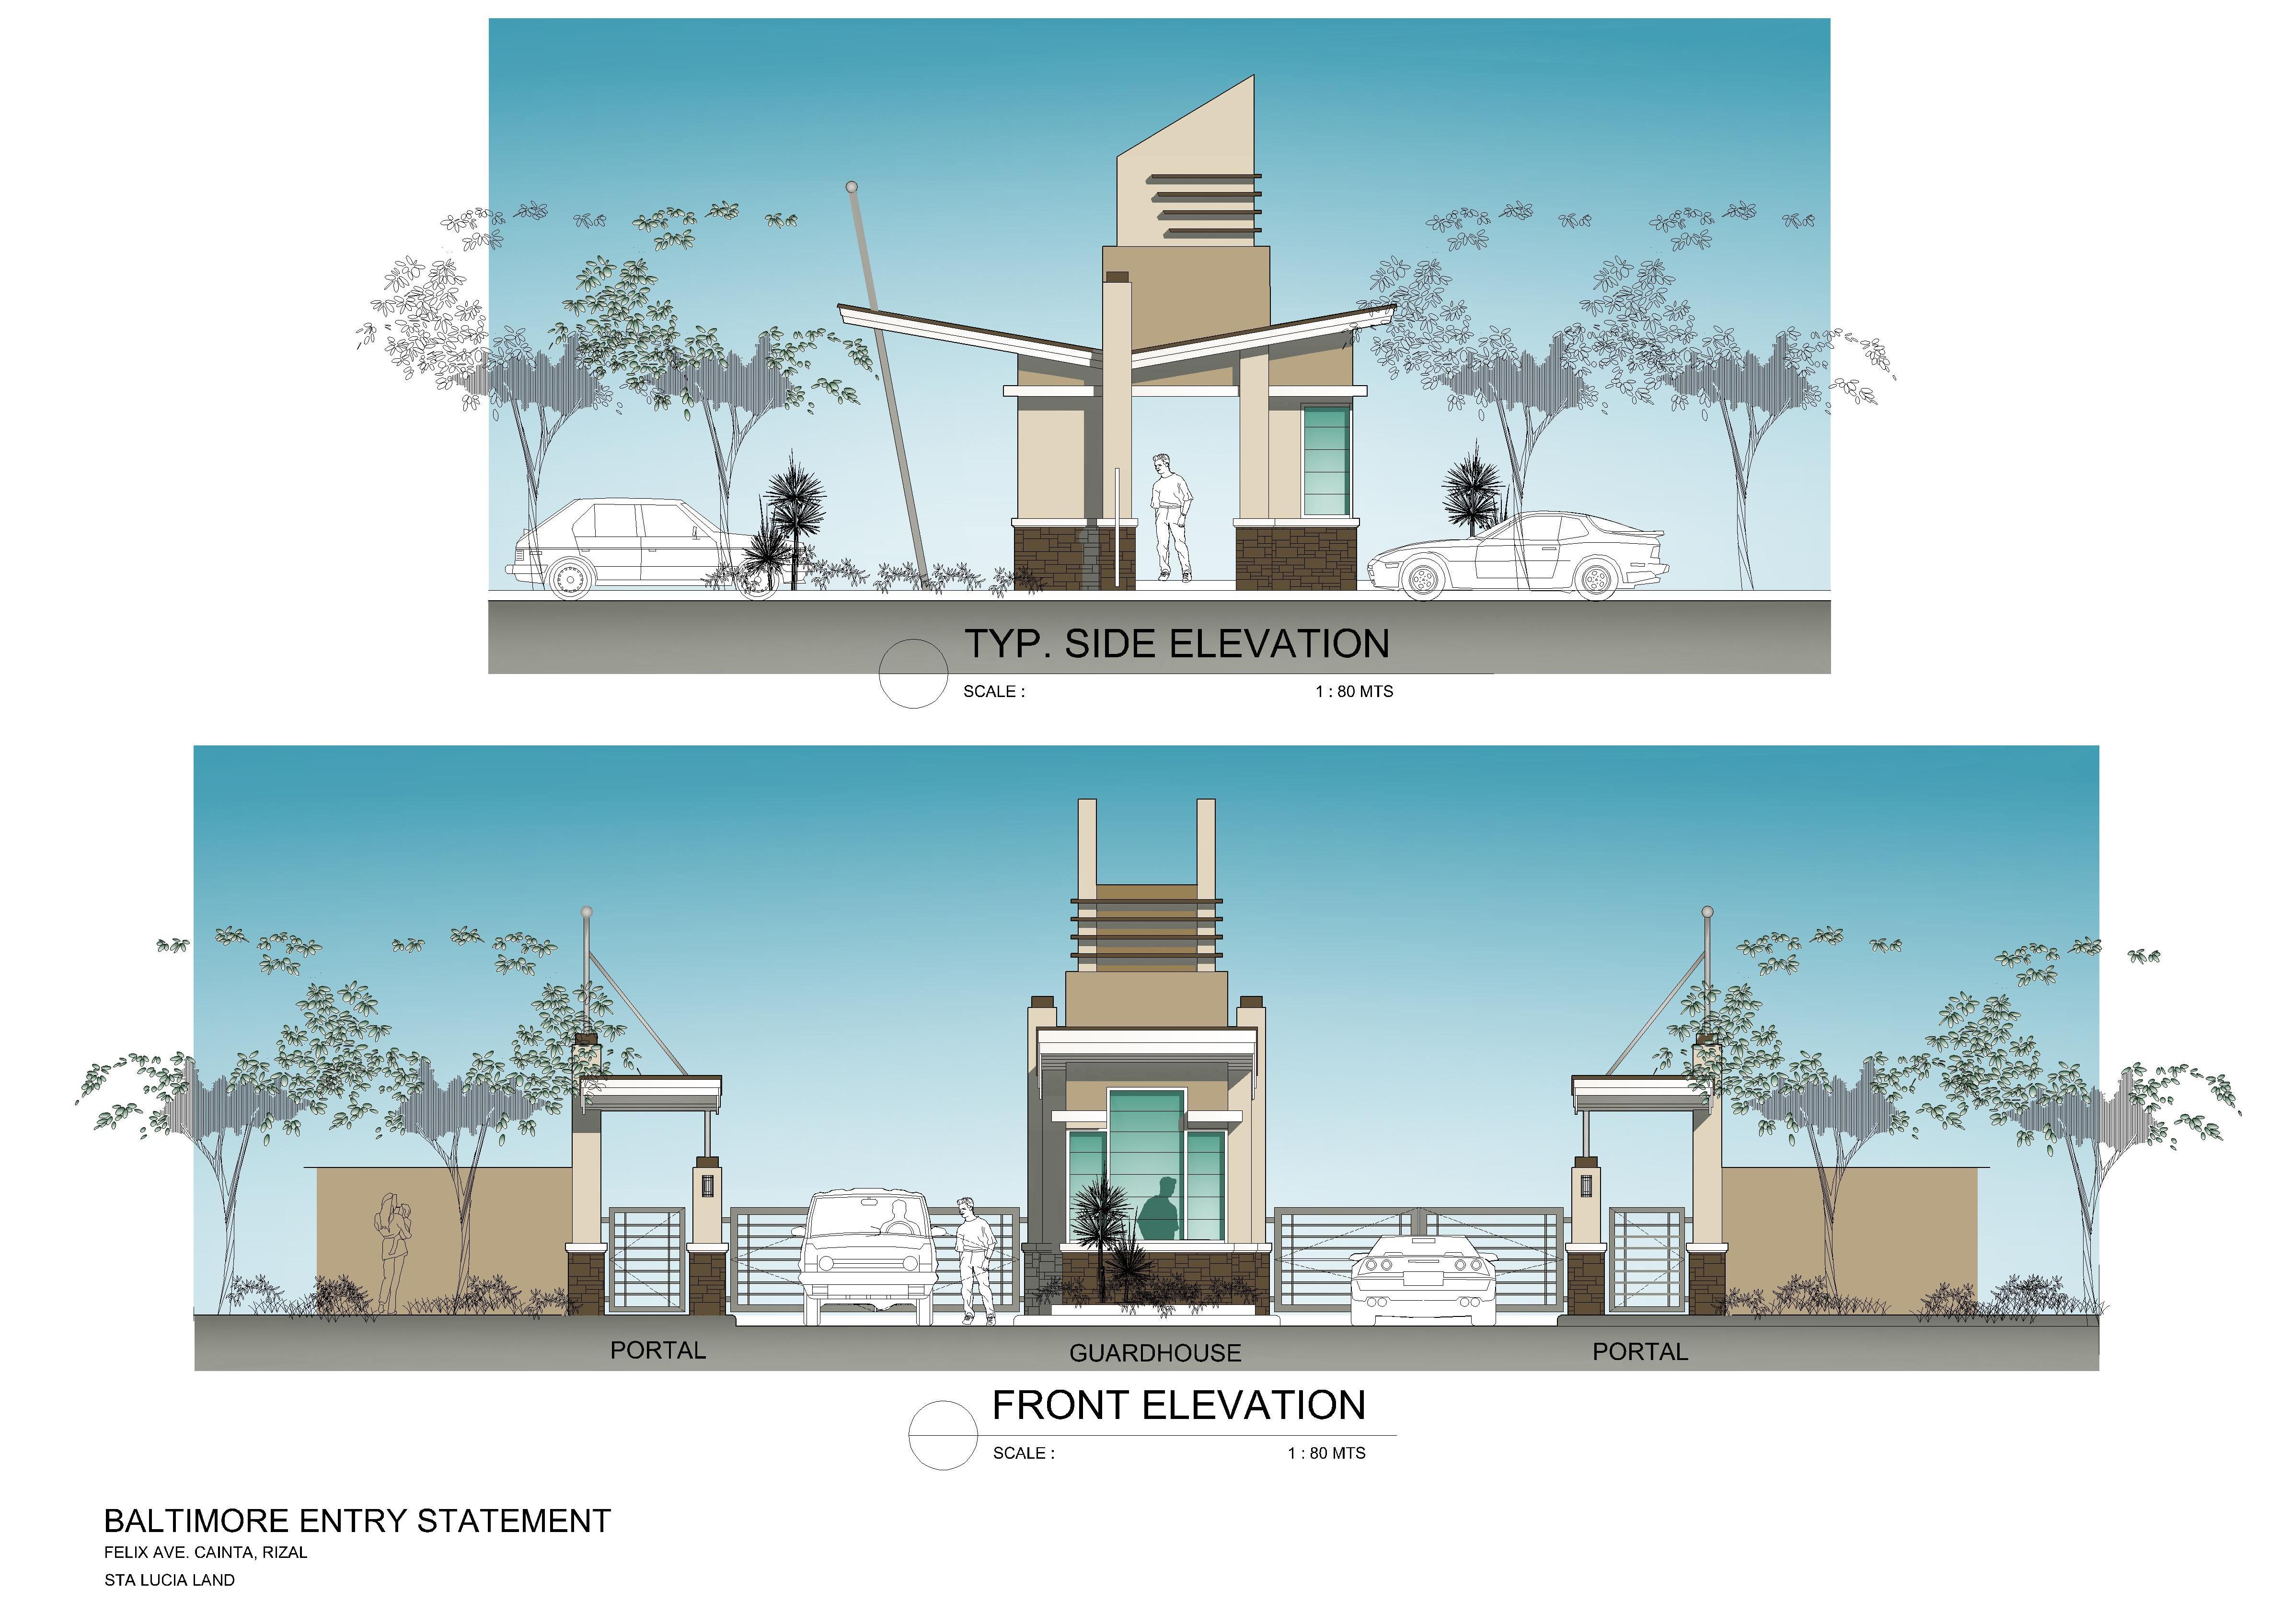 Site Gate Plan